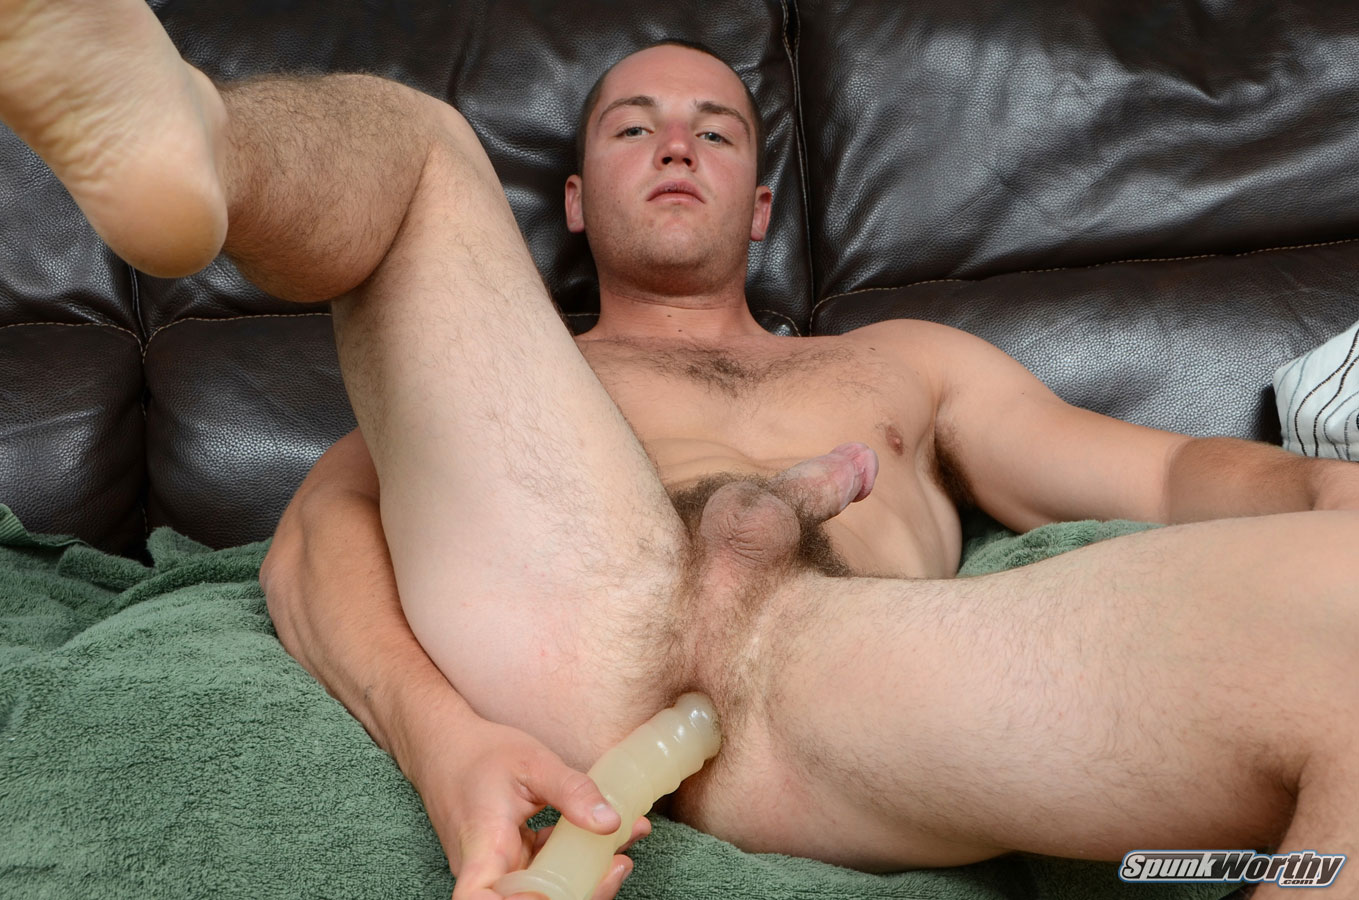 SpunkWorthy Dean Straight Marine Uses A Dildo On Hairy Ass Amateur Gay Porn 05